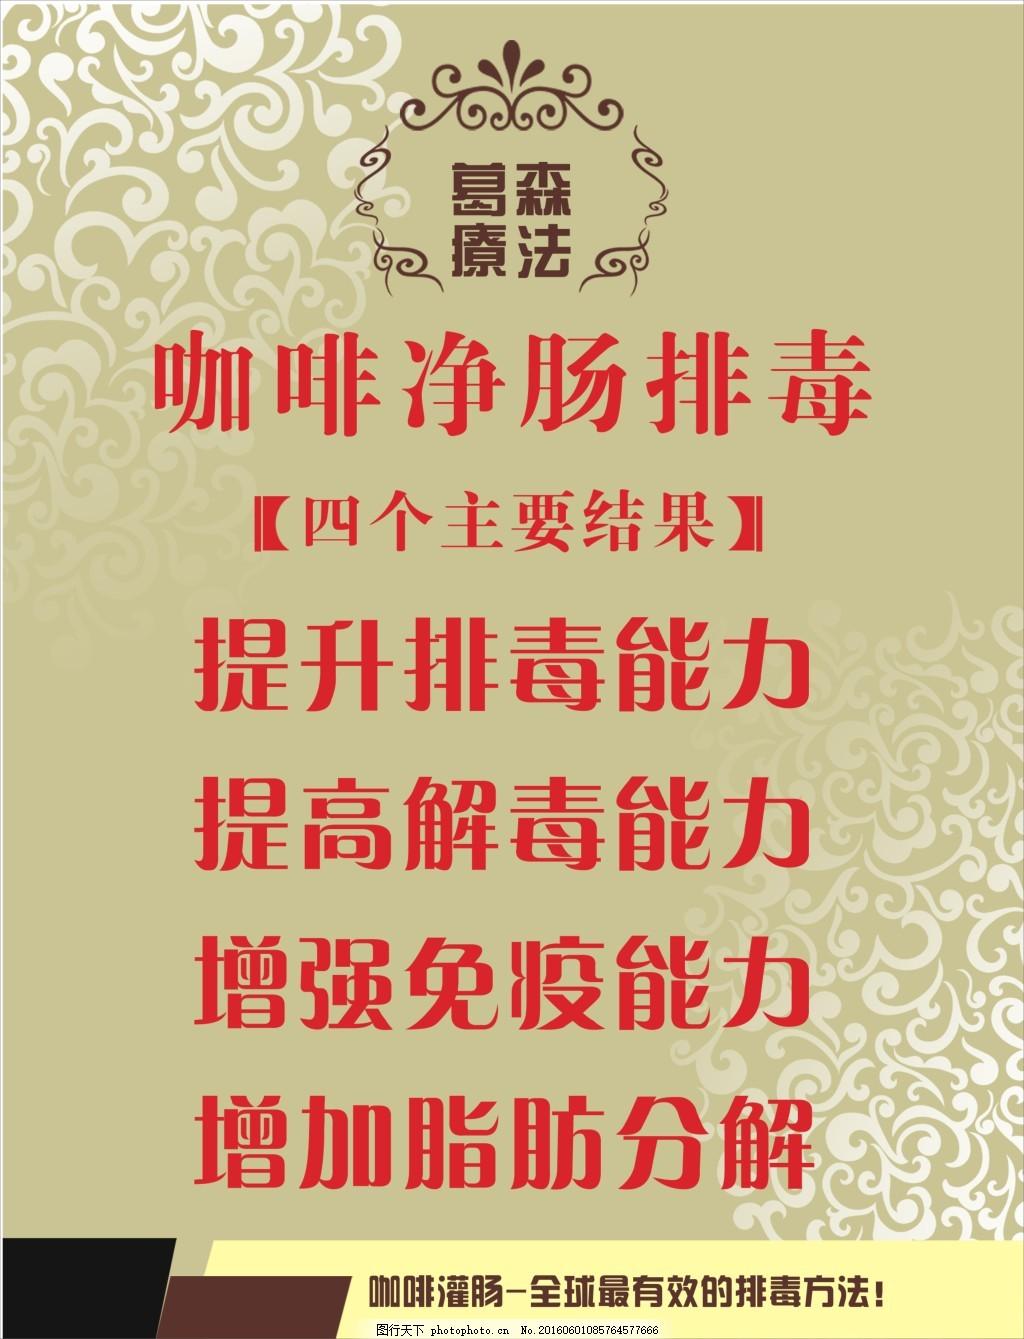 咖啡灌肠 养生荟 葛森疗法 承梦 兴业广告